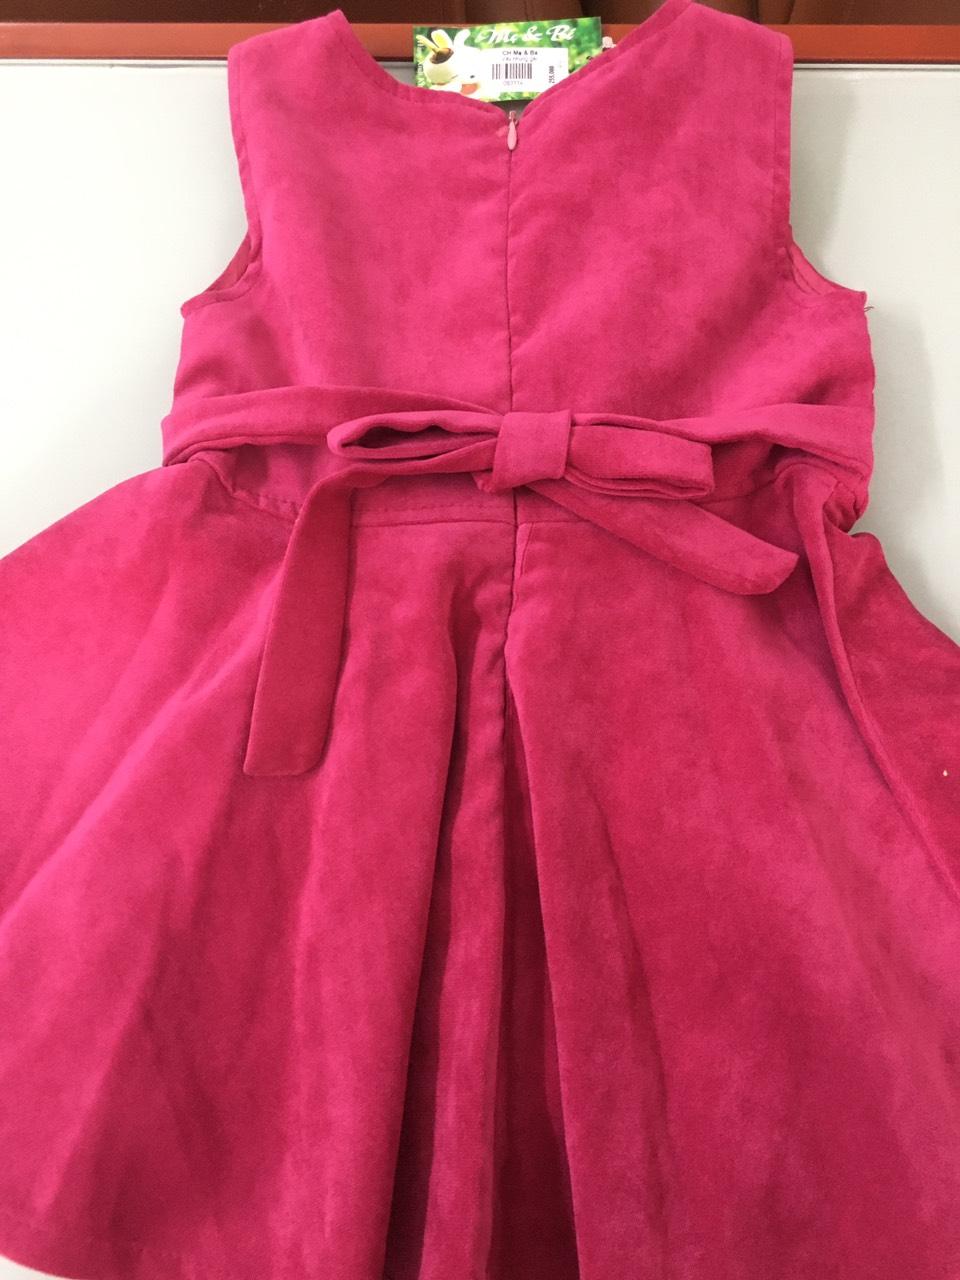 Váy hồng nhung bé gái 1.jpg